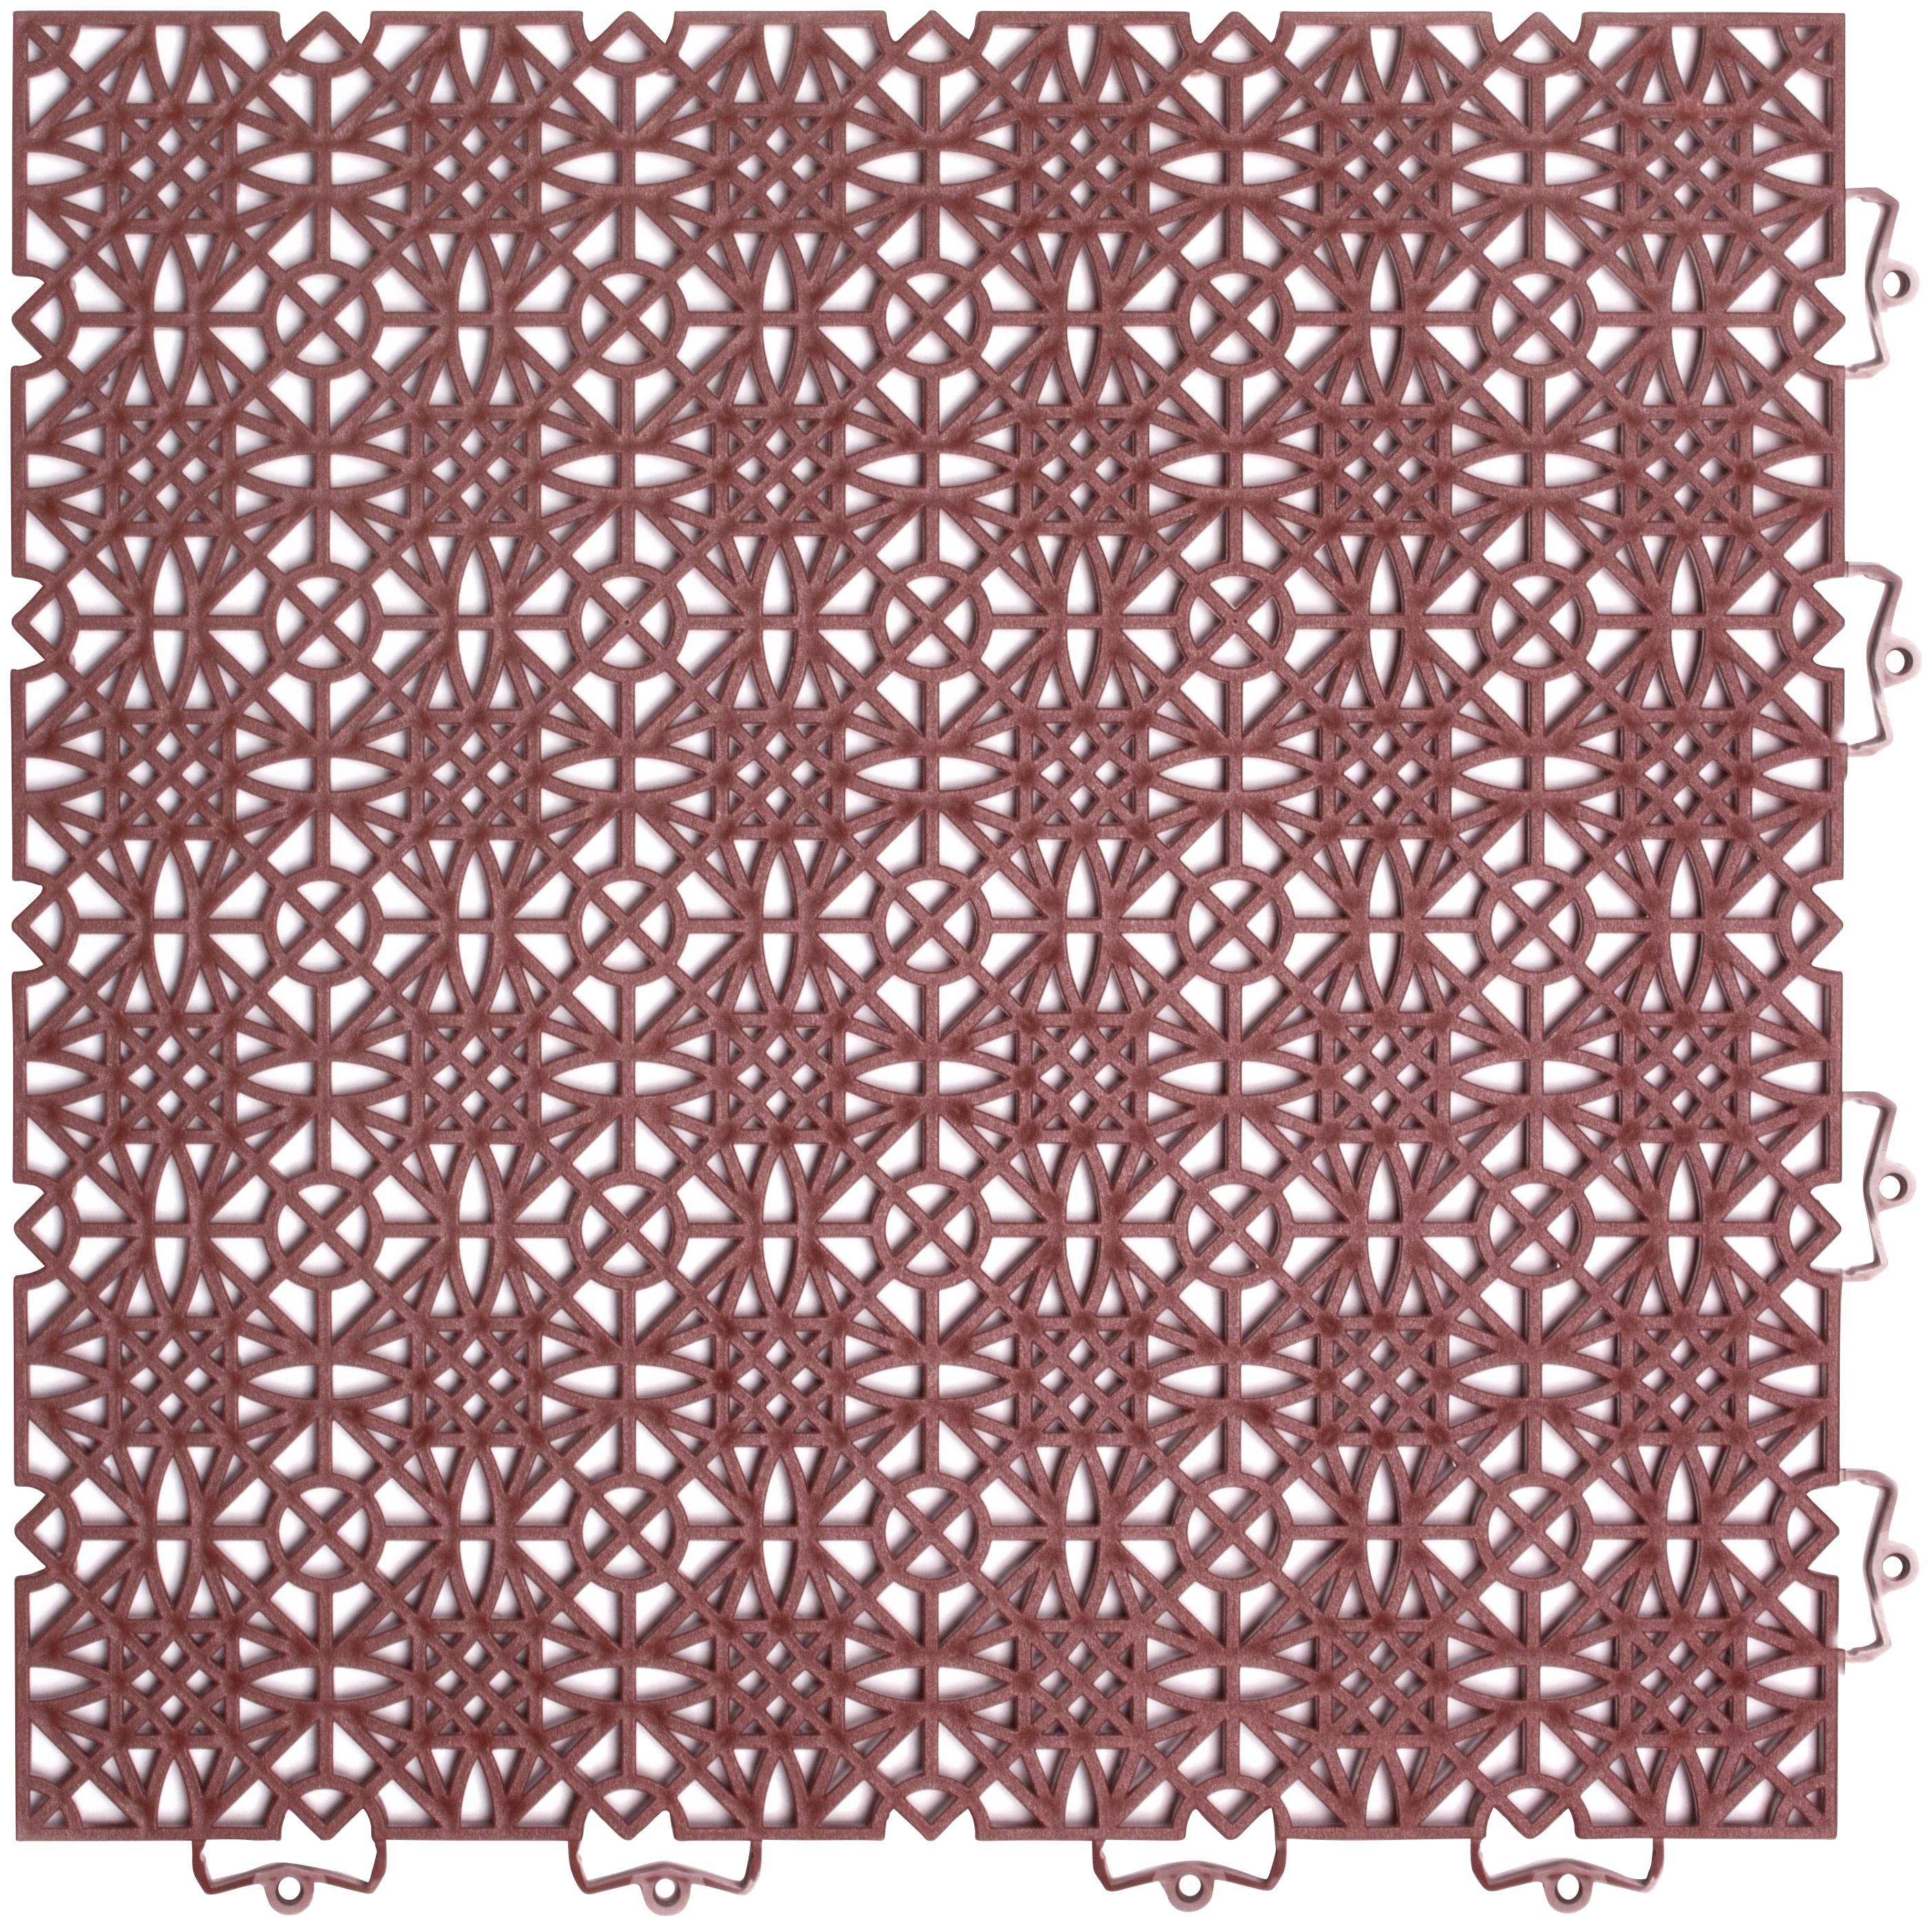 Image of ANDIAMO Klick-Fliesen »Terra Sol«, 38 cm x 38 cm, 5 qm² insgesamt